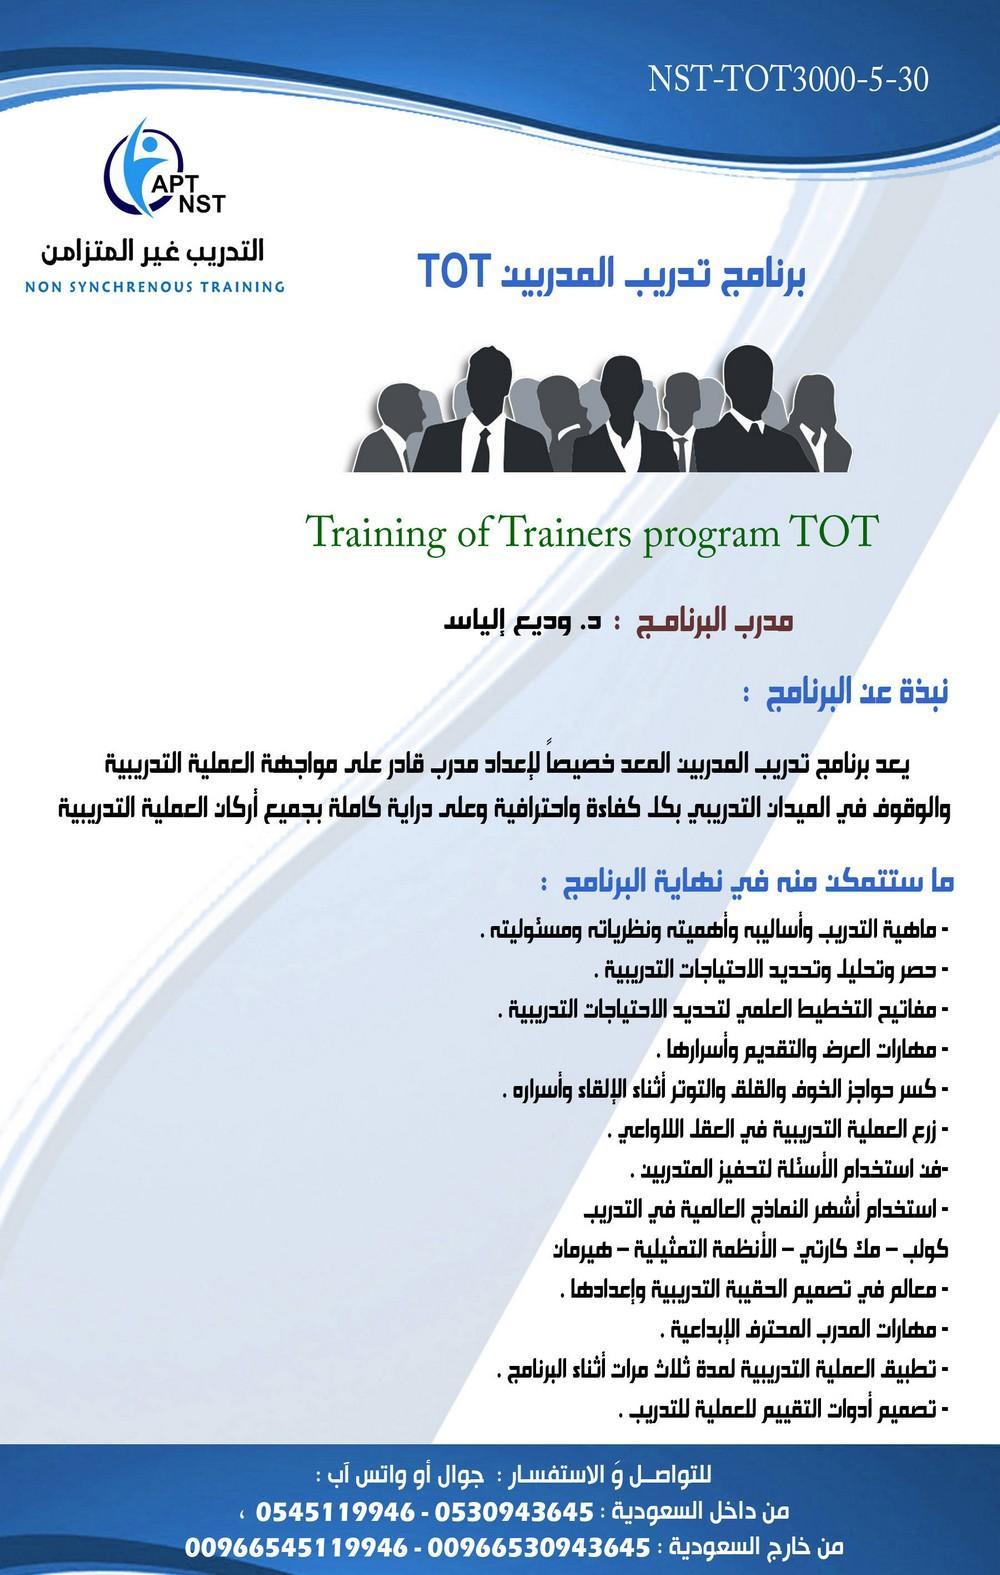 برنامج تدريب المدربين